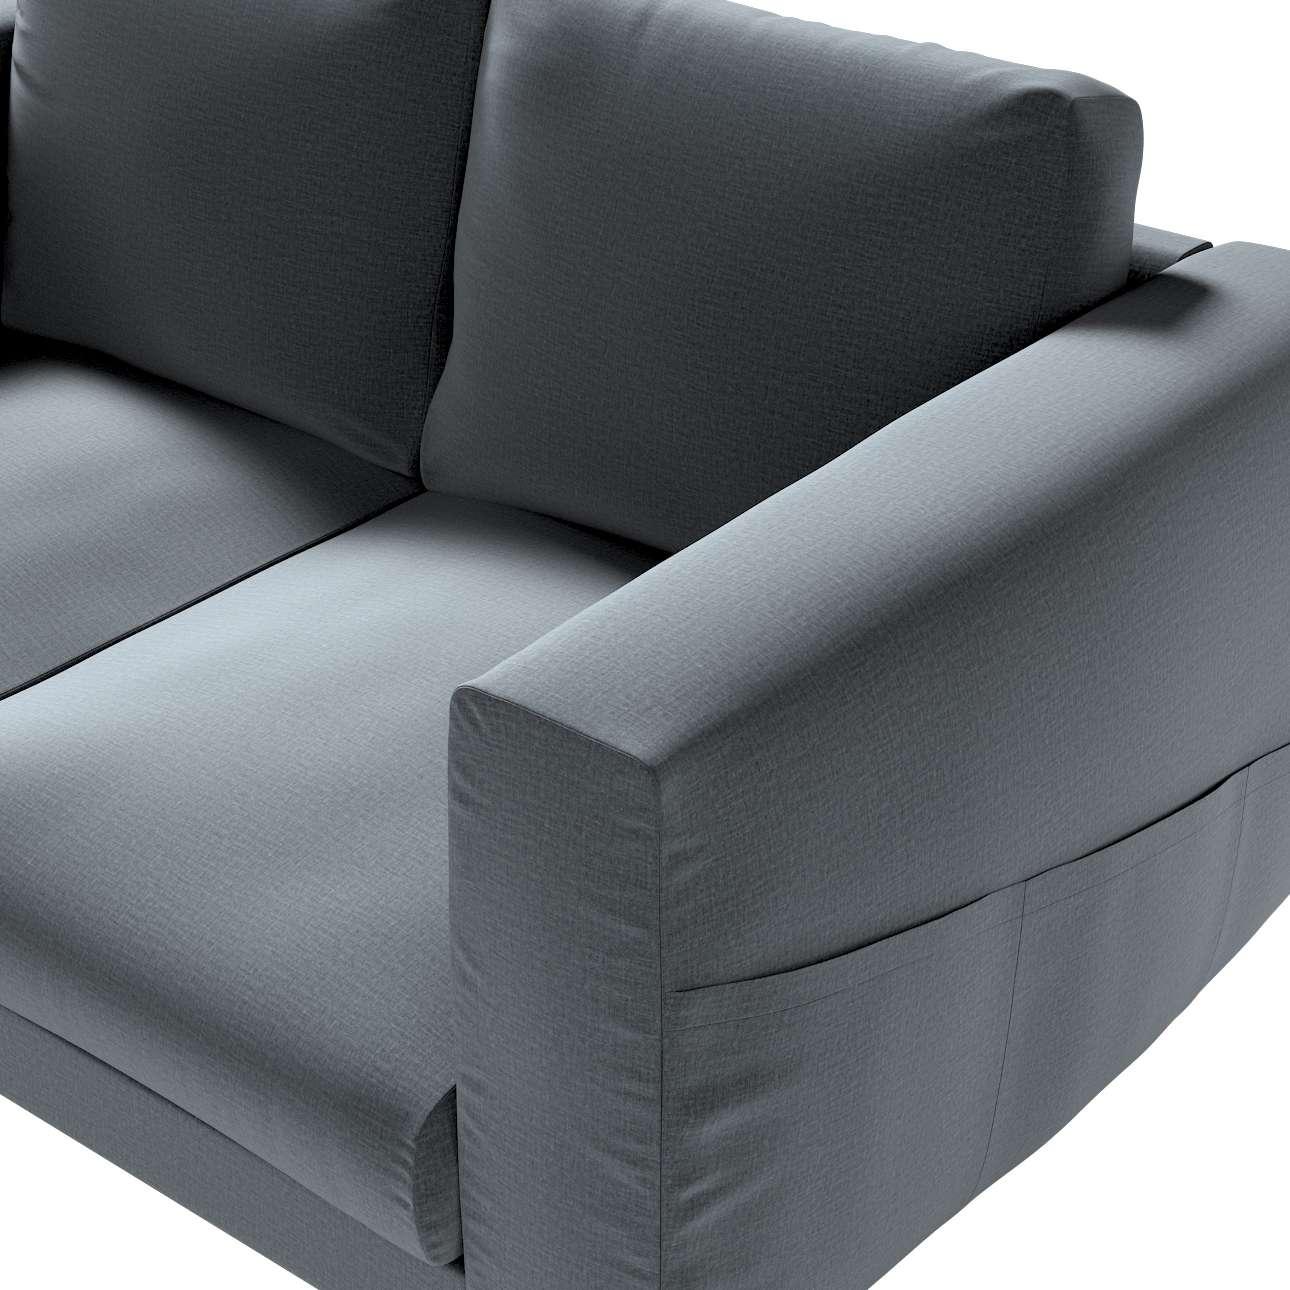 Pokrowiec na sofę Norsborg 2-osobową w kolekcji Ingrid, tkanina: 705-43